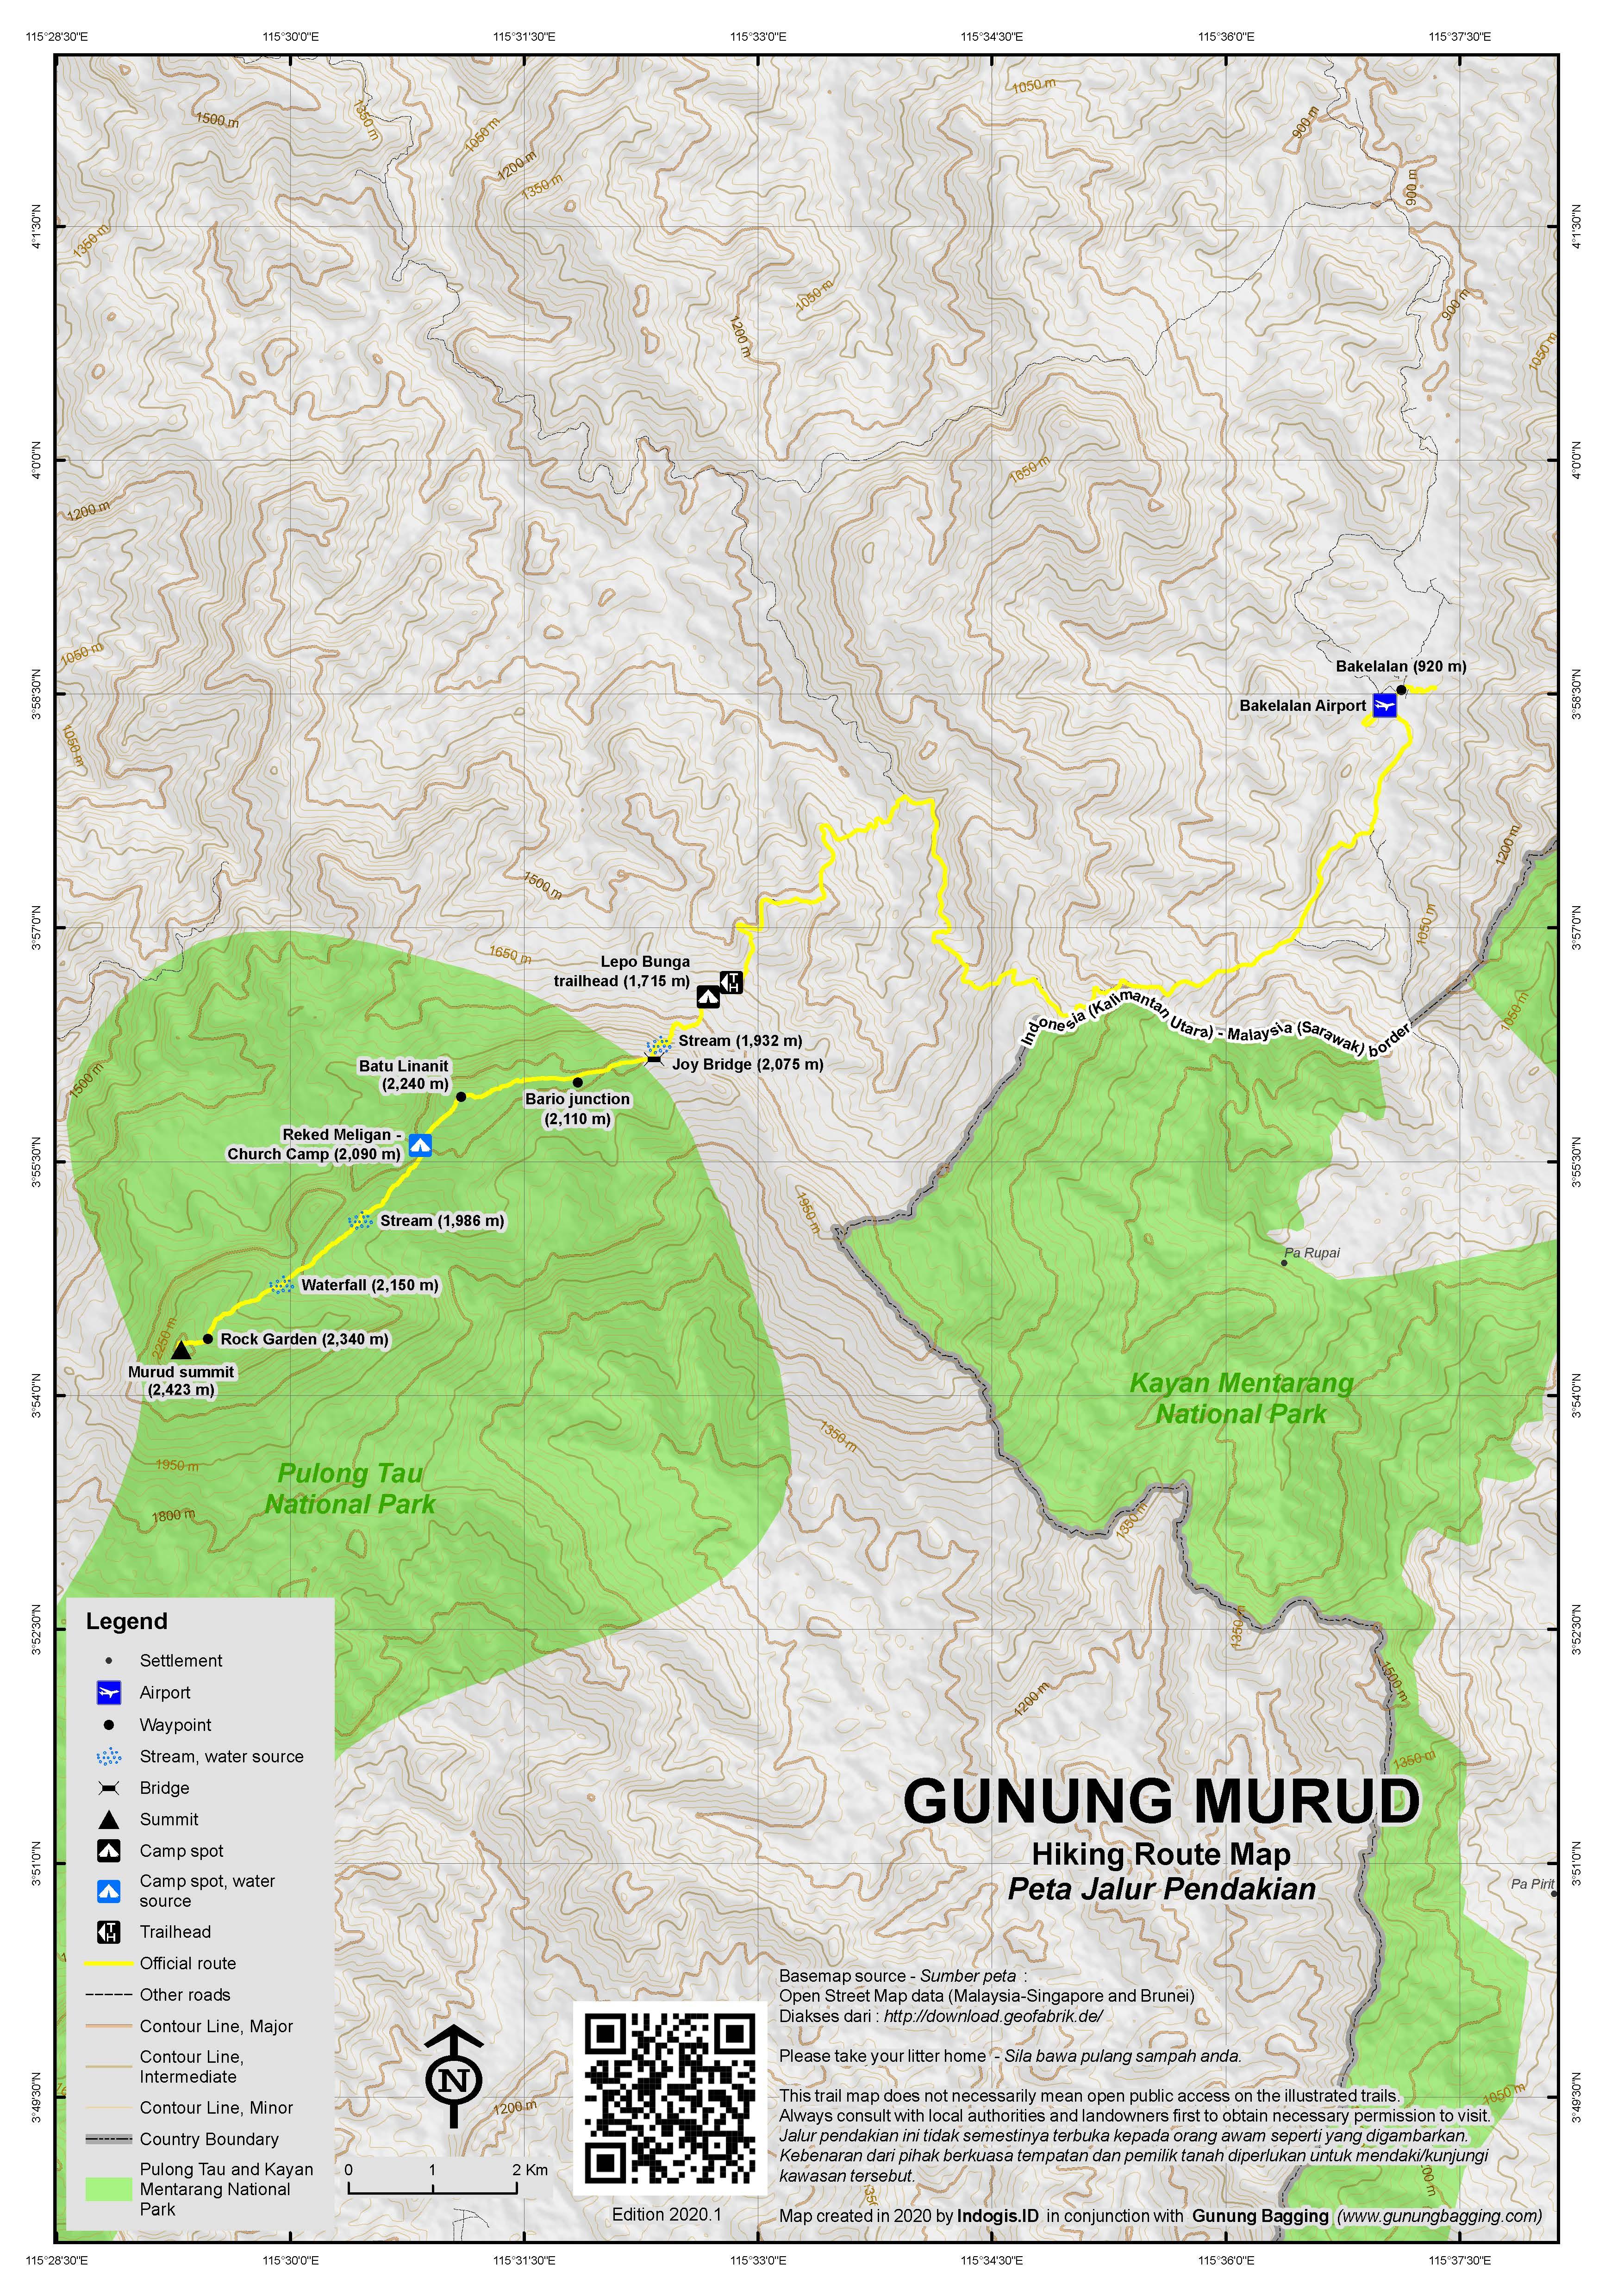 Peta Jalur Pendakian Gunung Murud